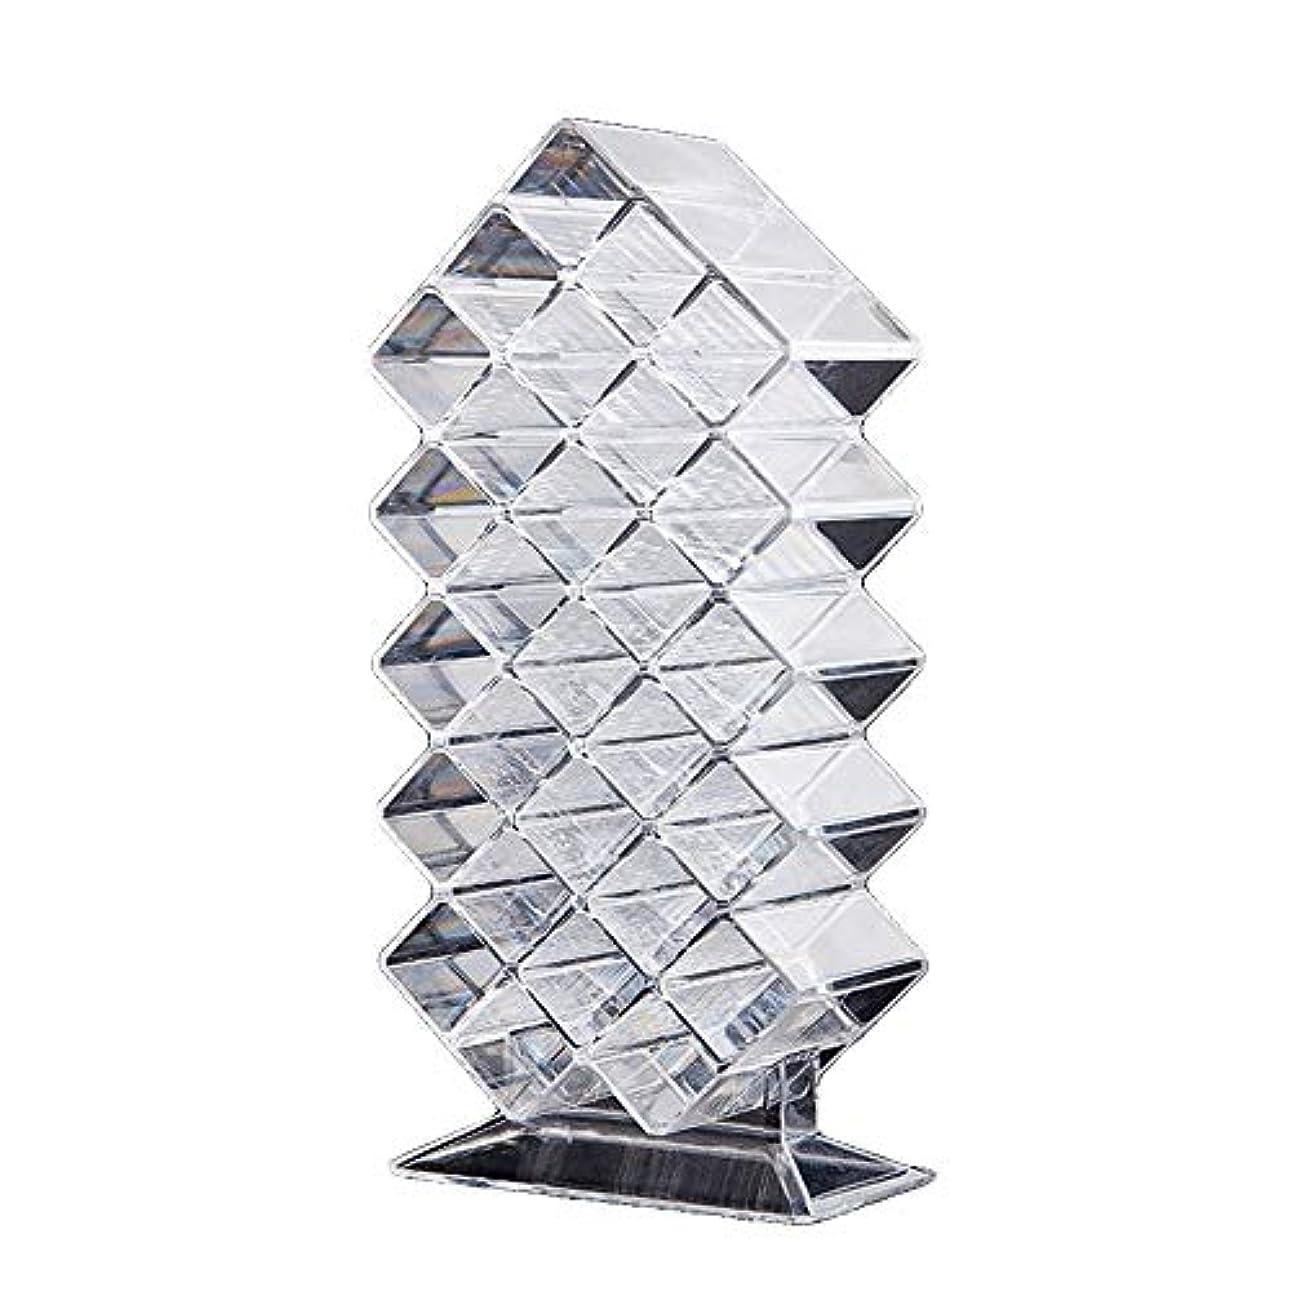 ベッドを作るパプアニューギニアクライストチャーチHikki リップホルダー リップグロス 28スペース 口紅ホルダー リップグロス コスメ収納スタンド 化粧品収納ケース コスメ収納スタンド プレゼント ギフト